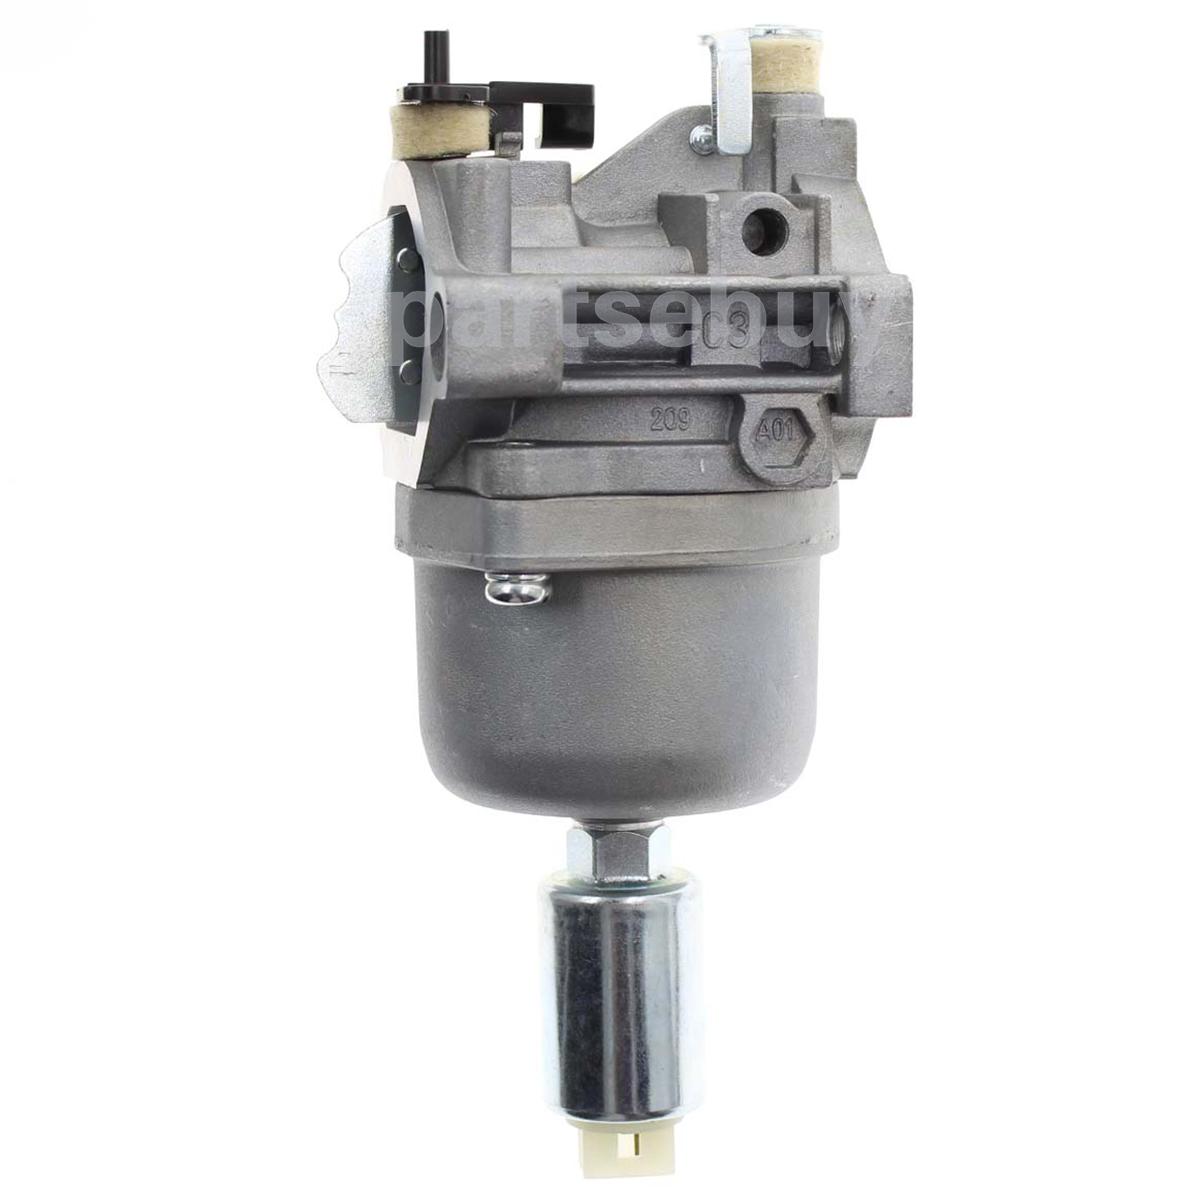 17 Hp Intek Engine Parts